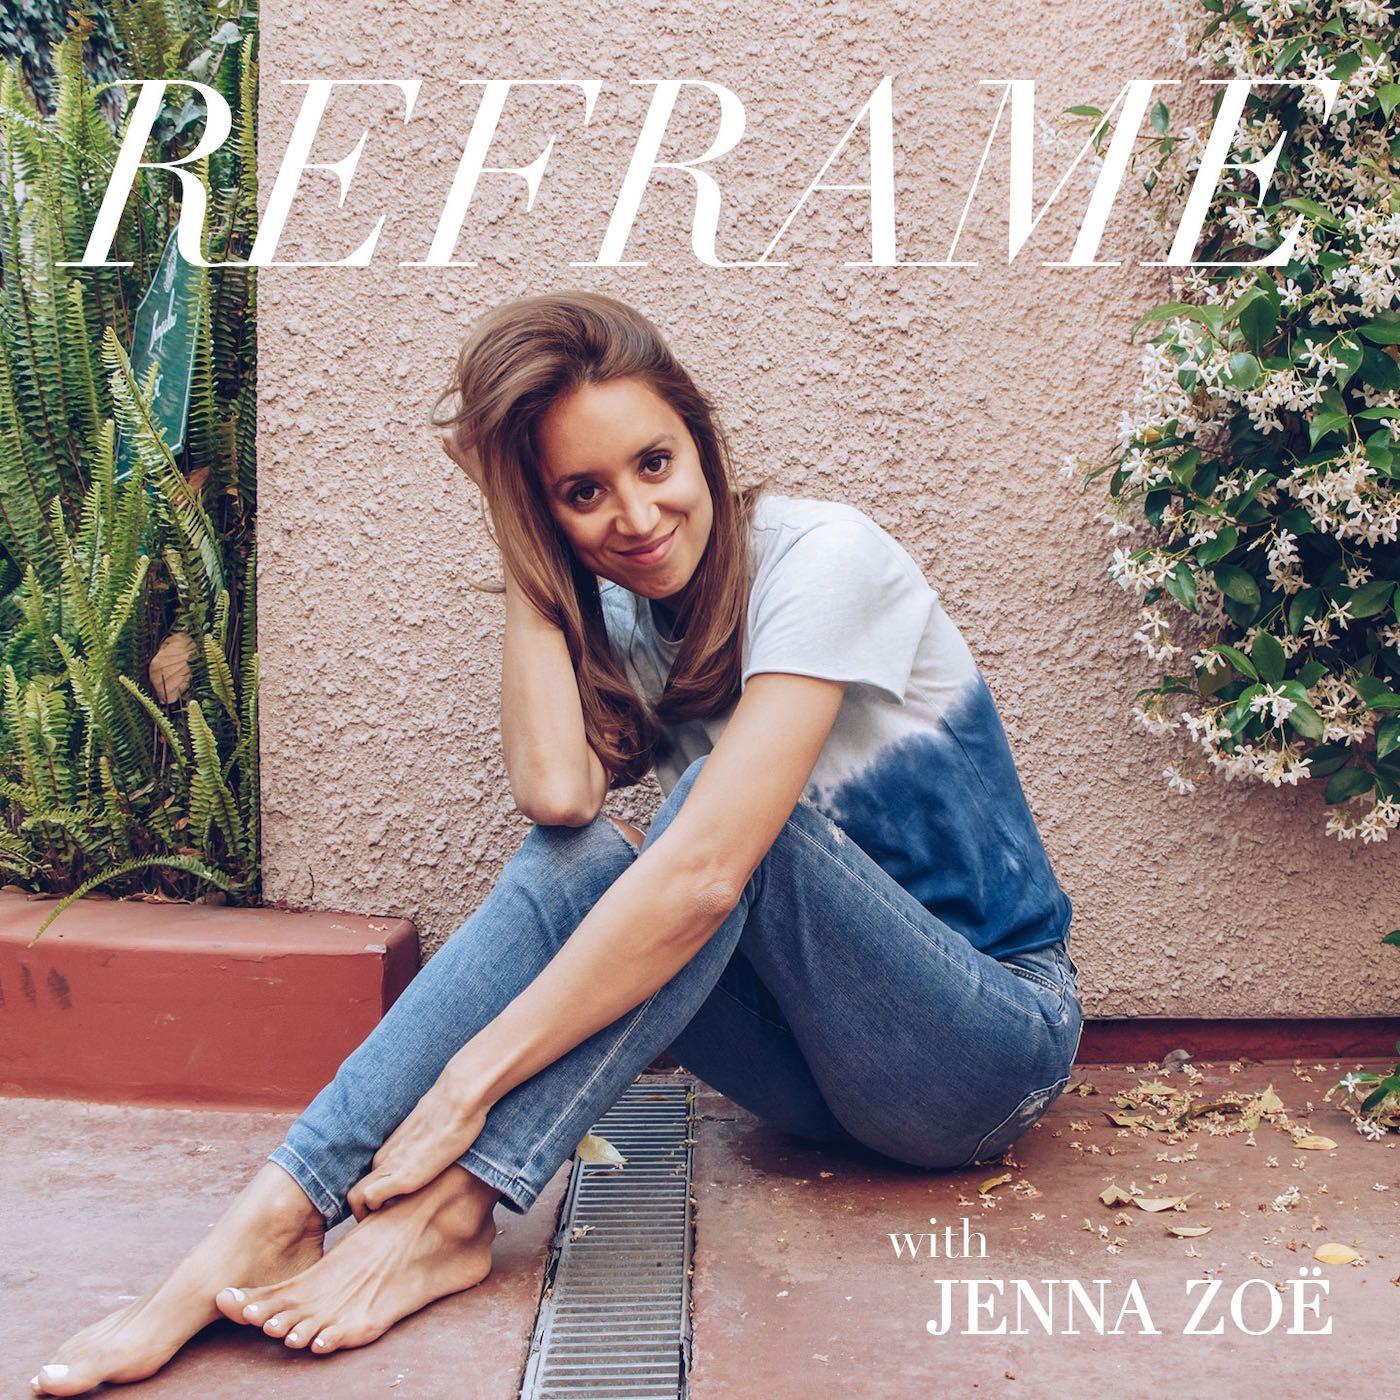 Reframe with Jenna Zoë show art